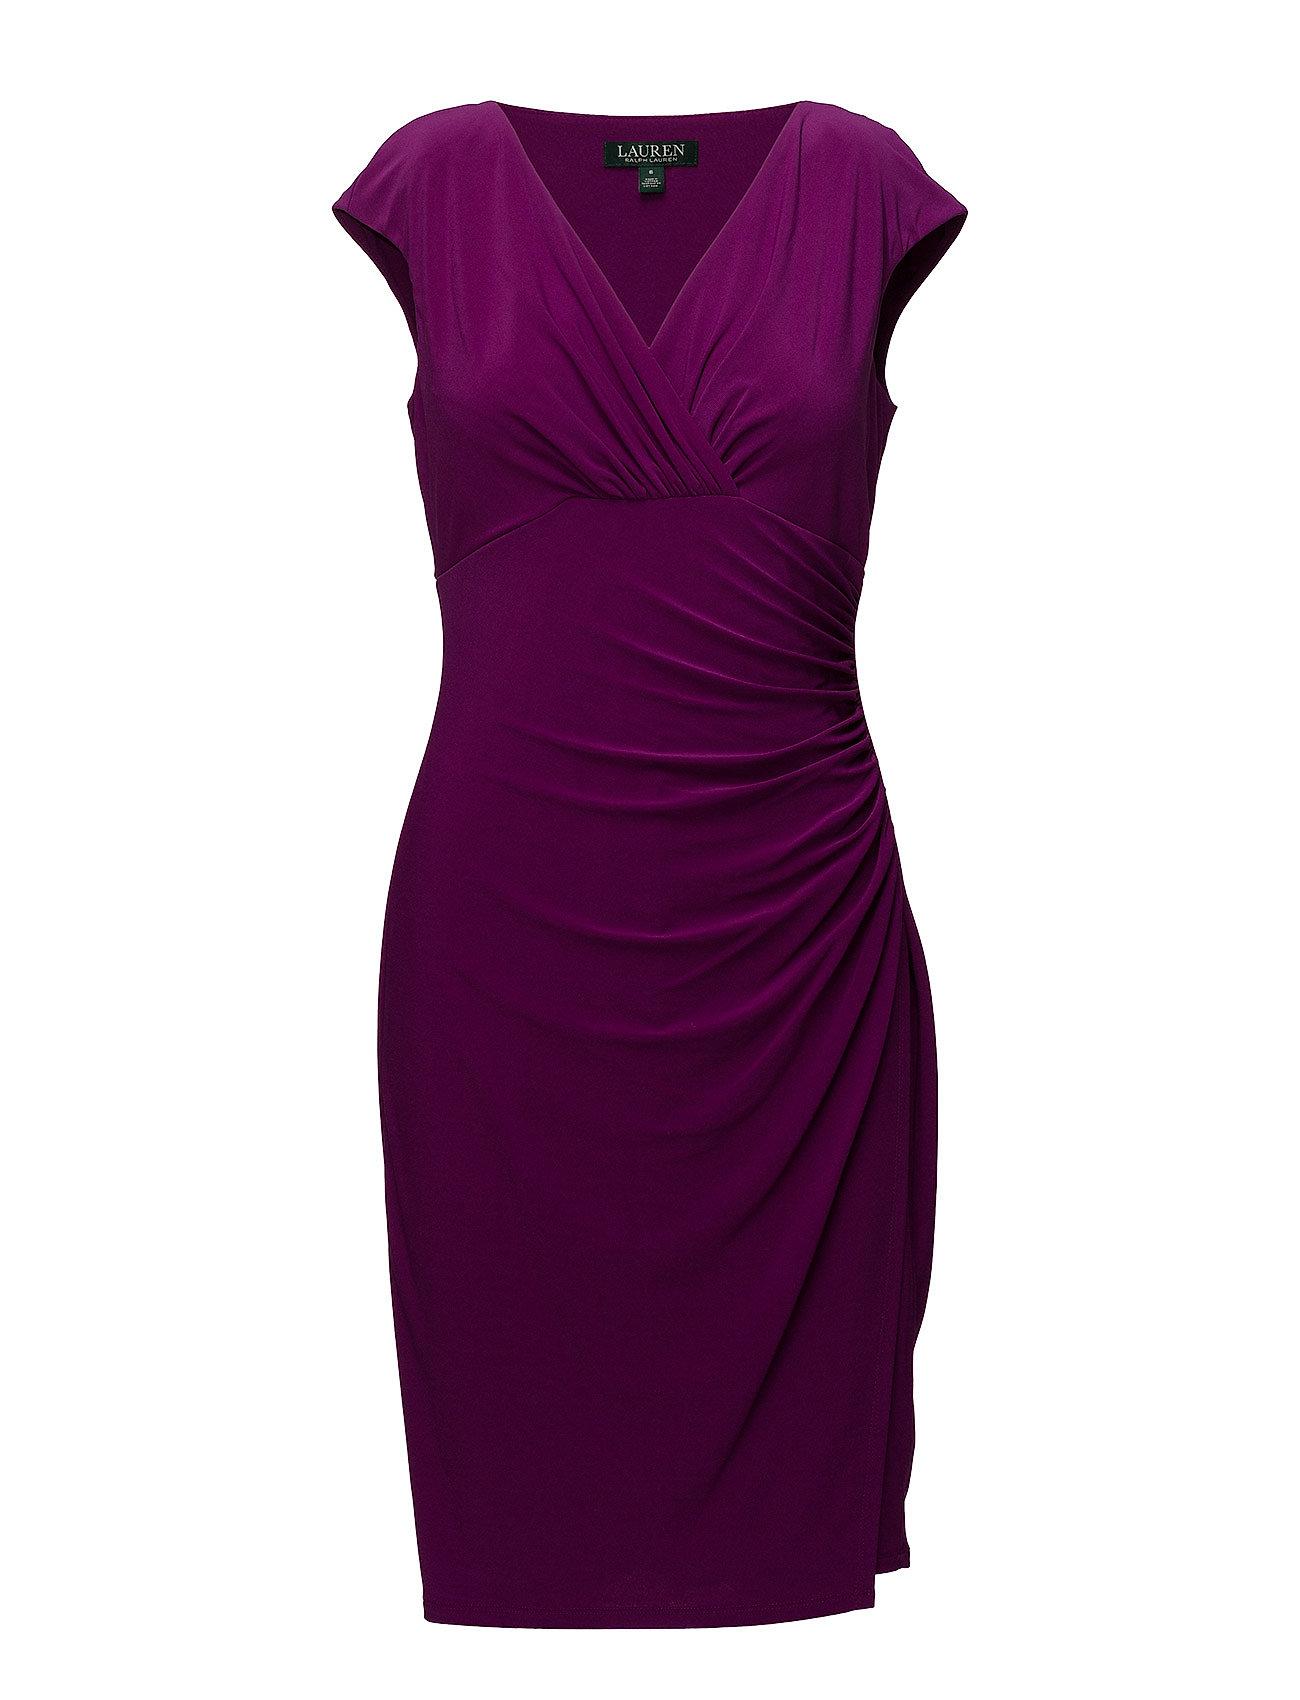 Lauren Ralph Lauren Jersey Cap-Sleeve Dress - EXOTIC FUSCHIA